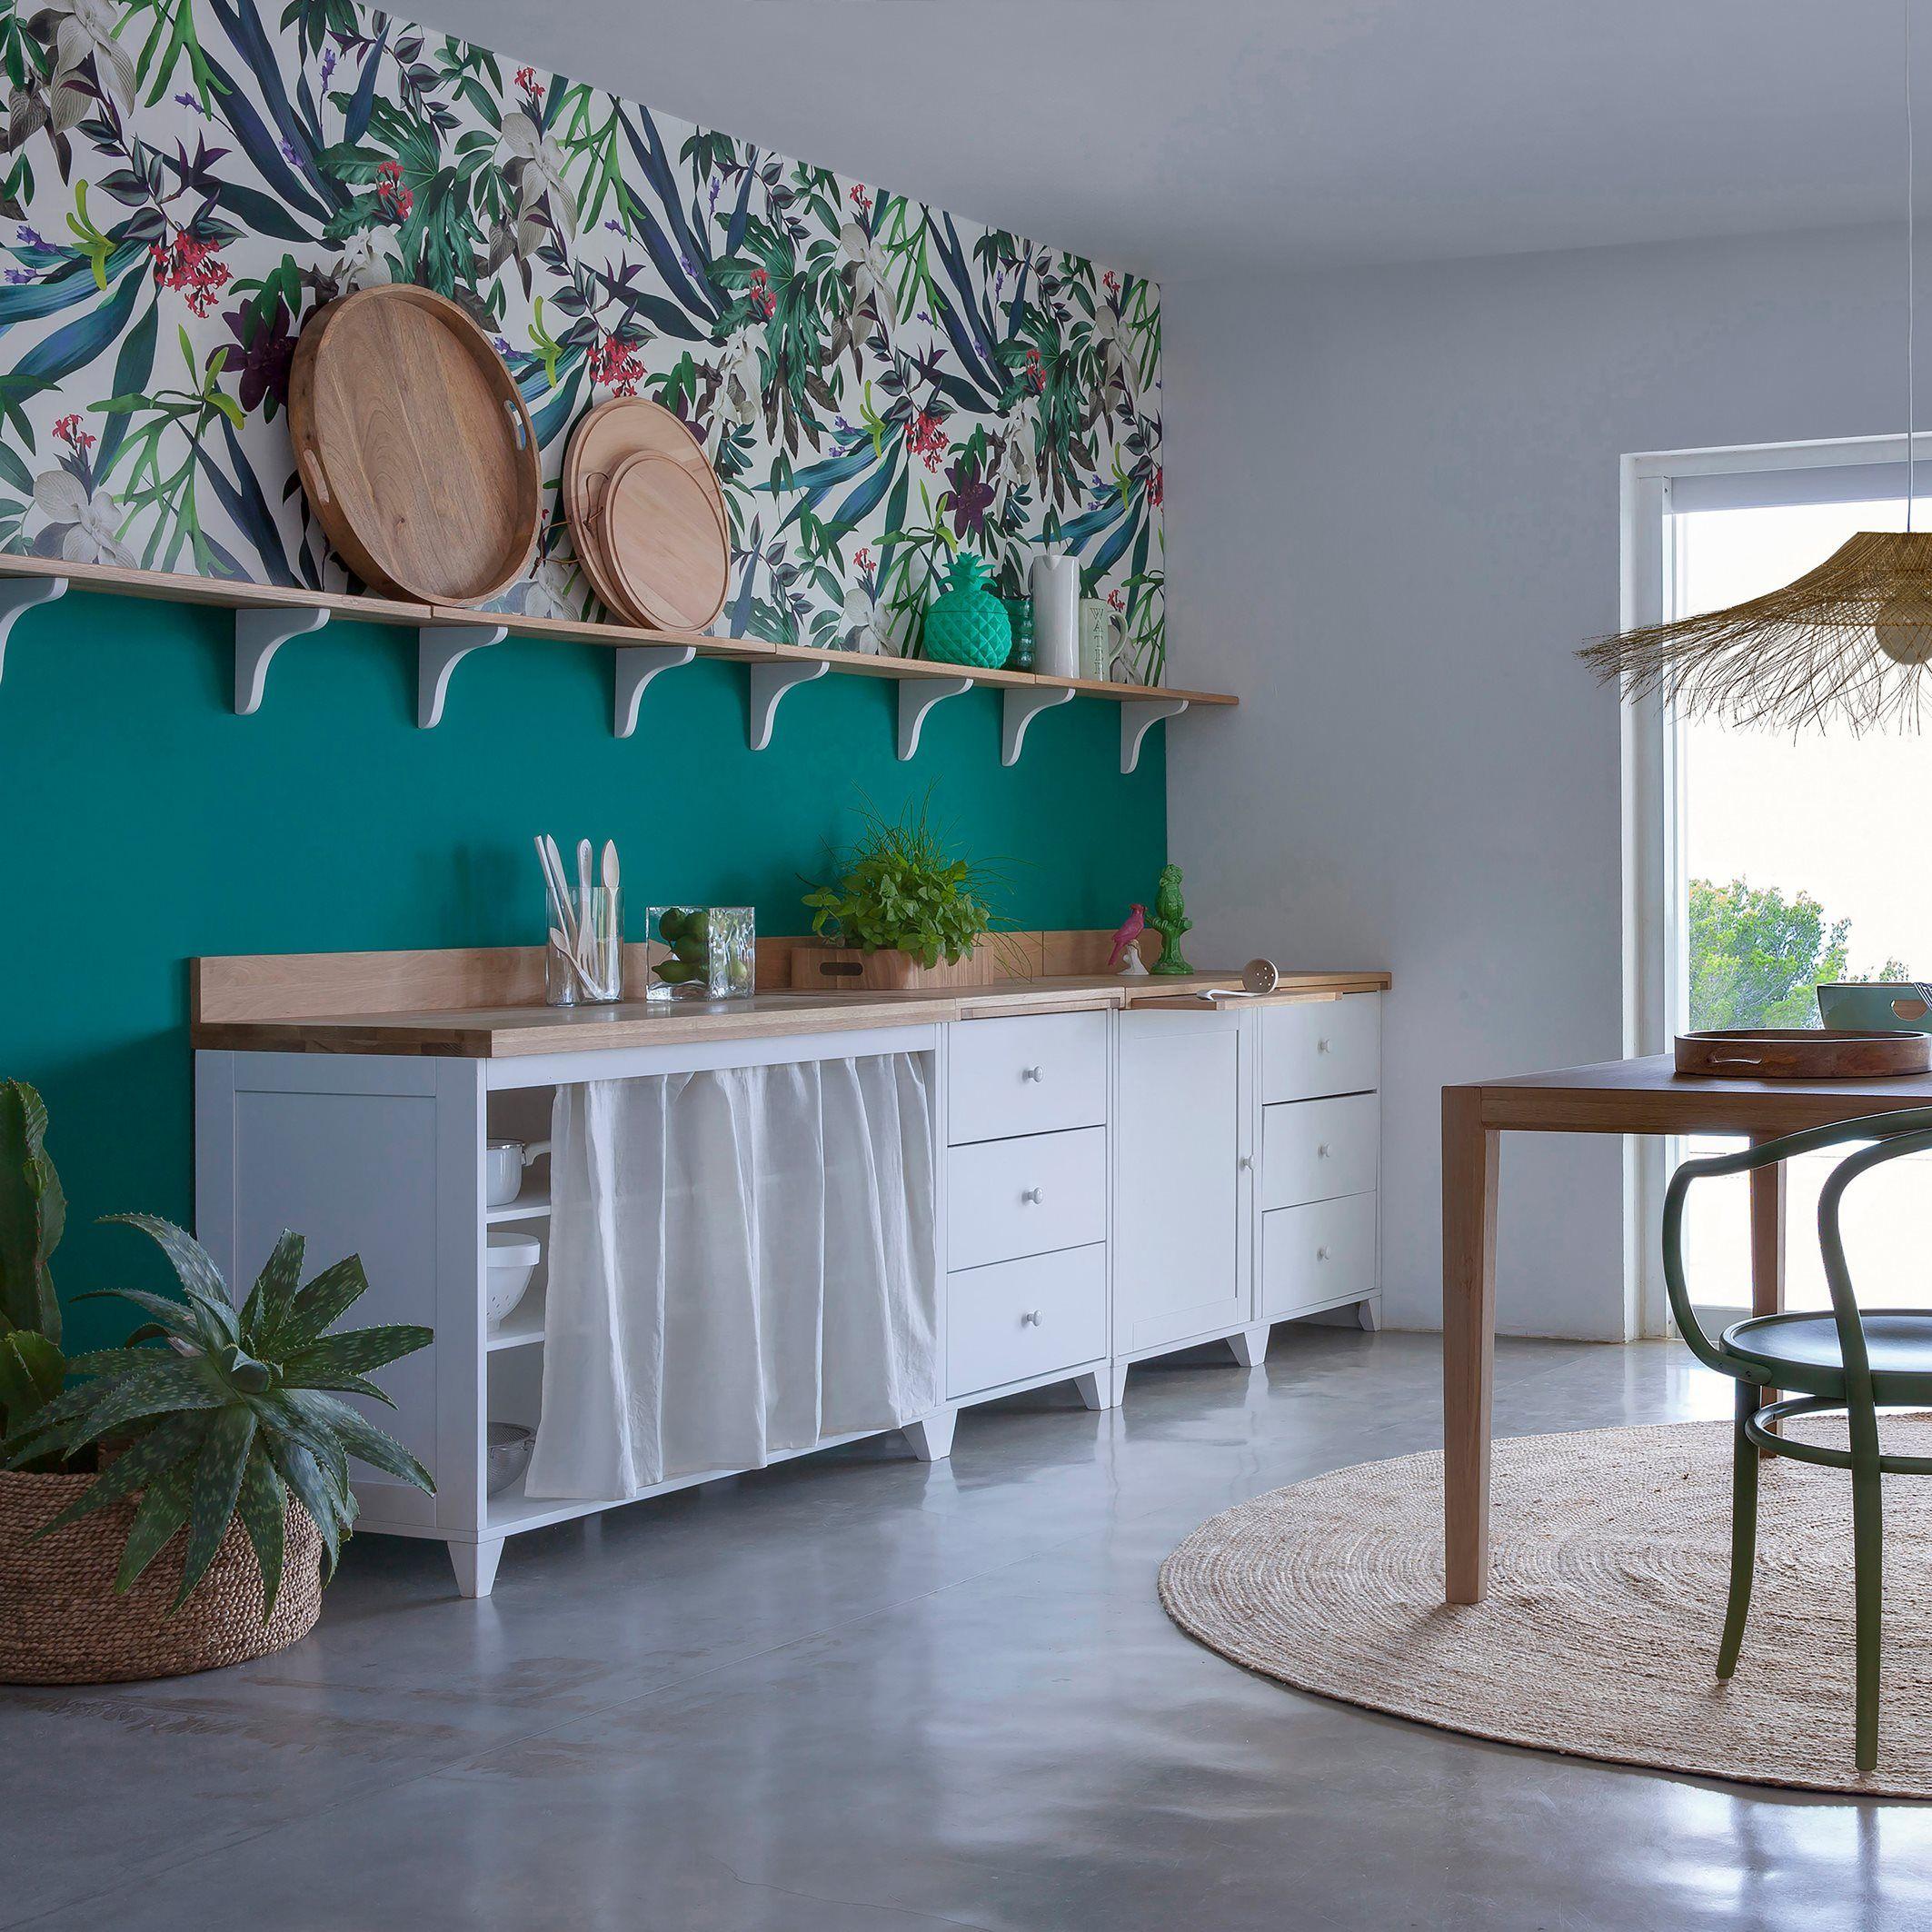 Küchenschrank | Küche und Esszimmer | Pinterest | Küche und ...